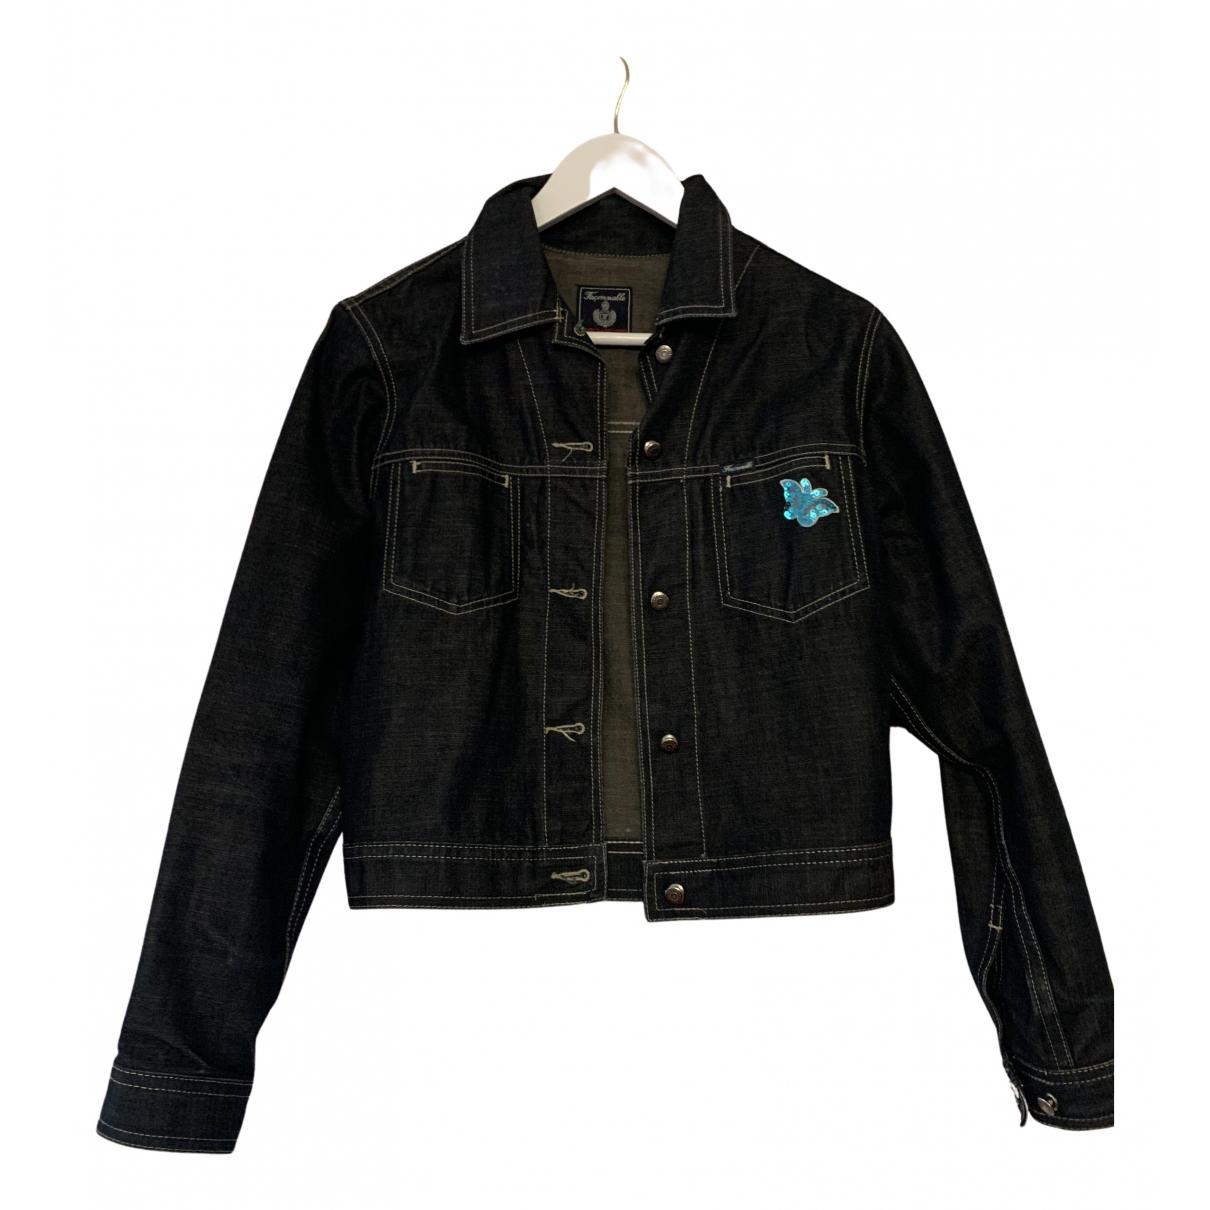 Faconnable \N Lederjacke in  Marine Denim - Jeans